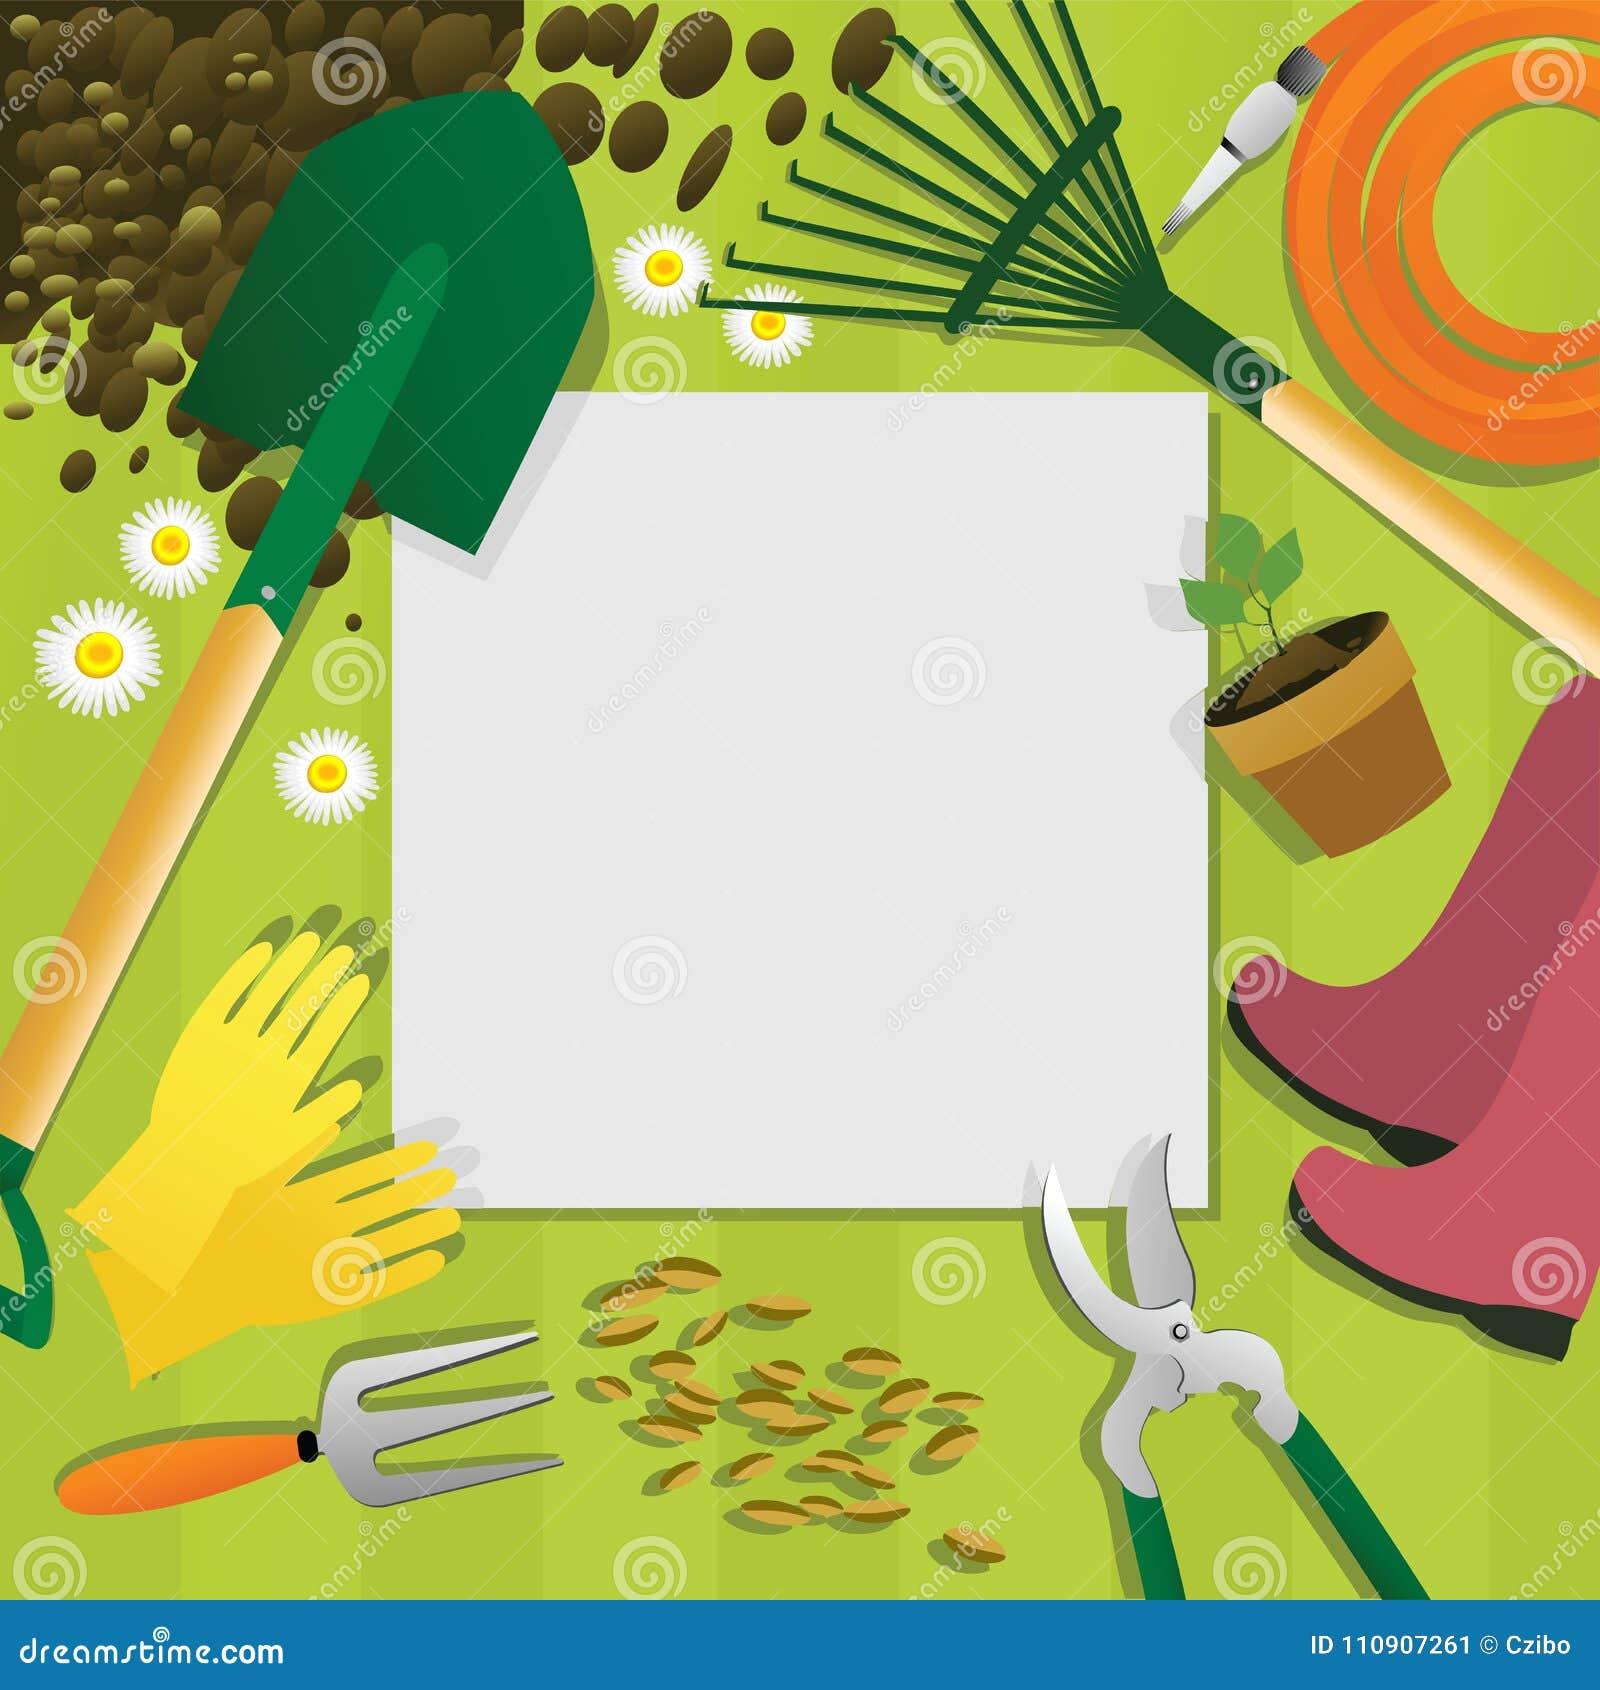 Fond De Jardinage Avec Des Outils De Jardin Illustration de Vecteur ...